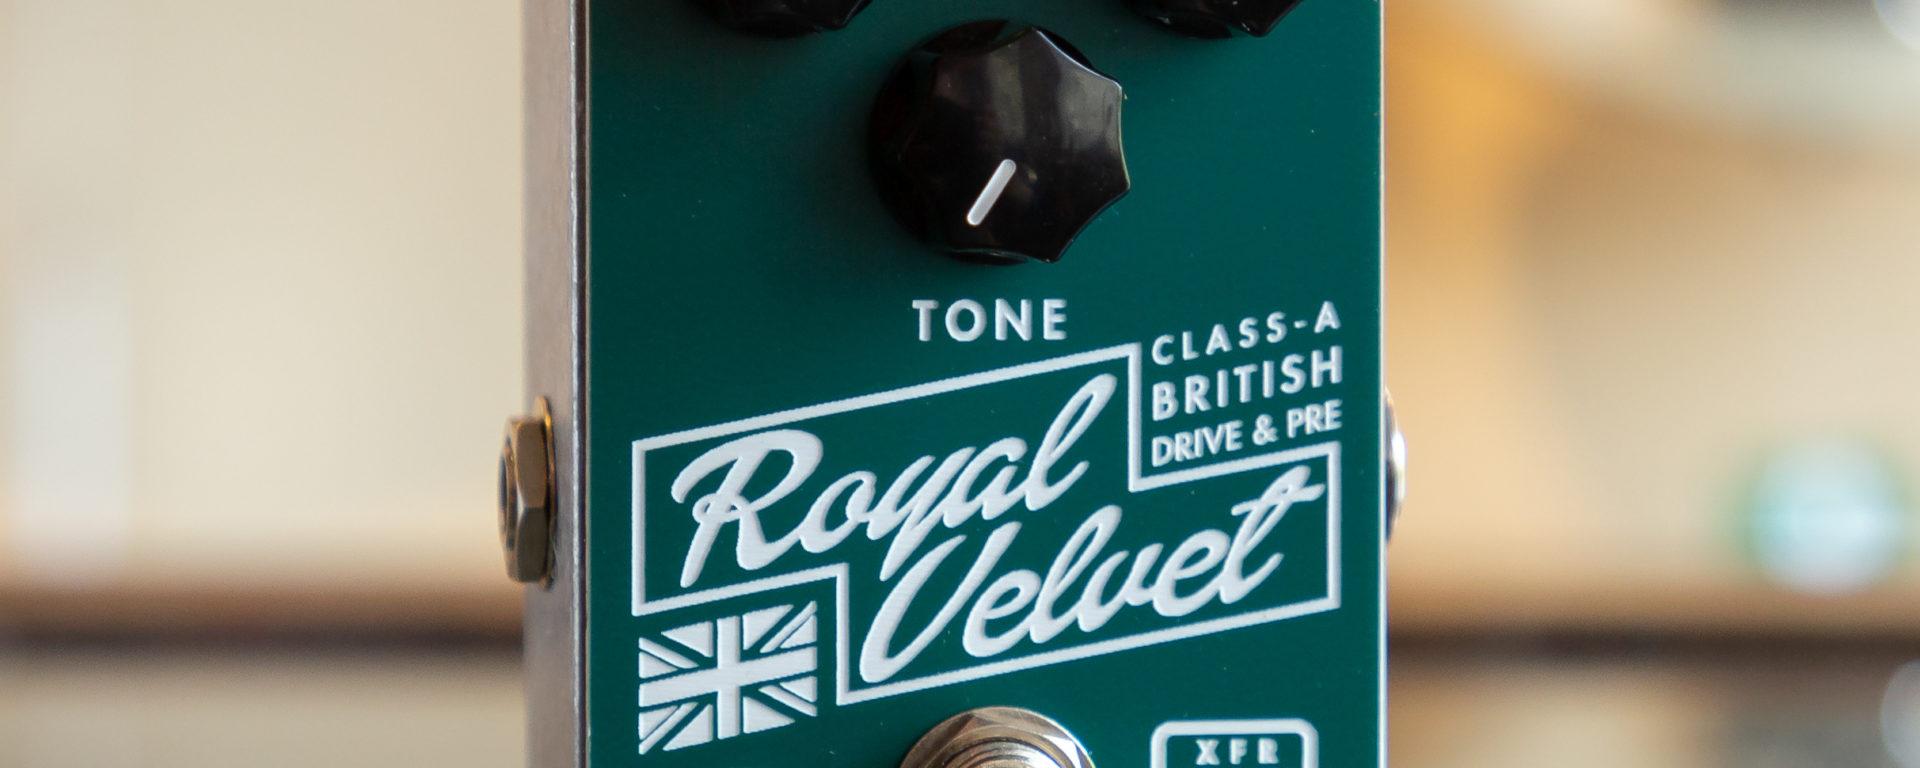 Greer Royal Velvet